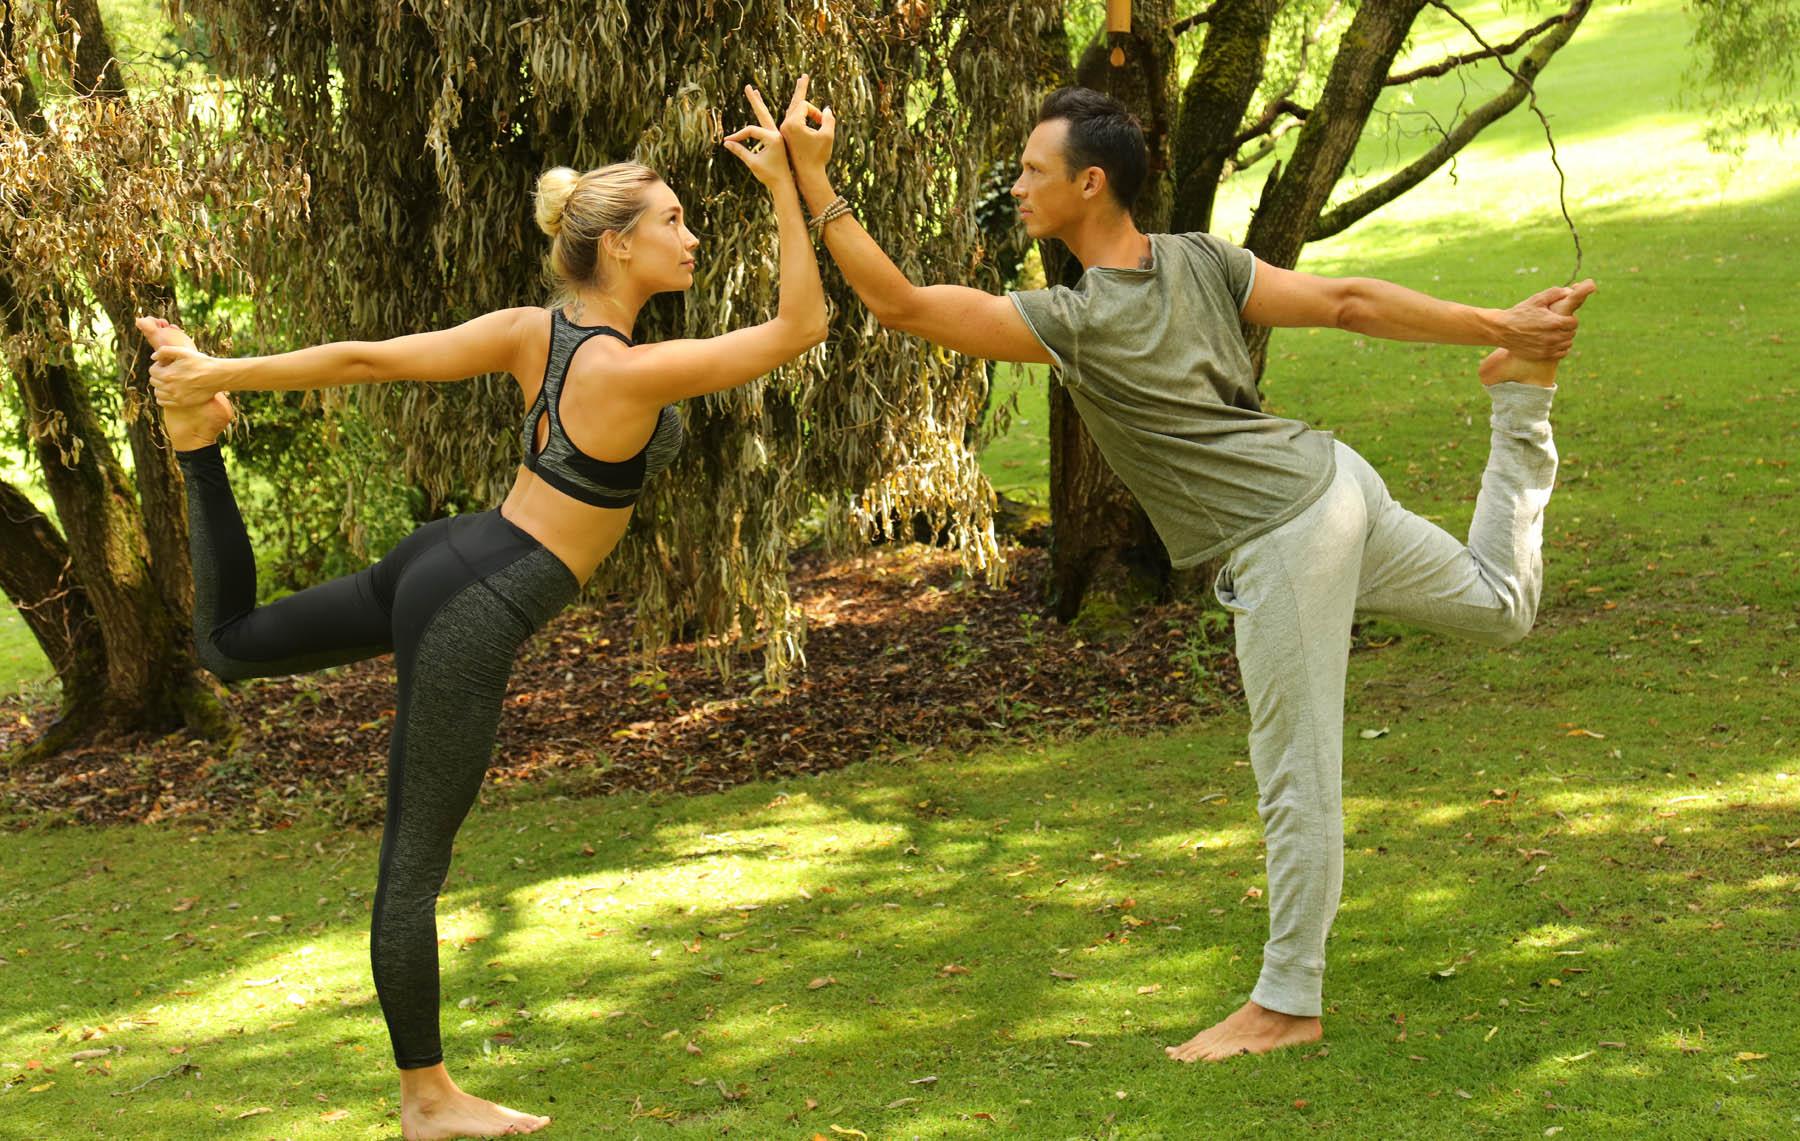 Image newsfeed Séjour Yoga Season Experience